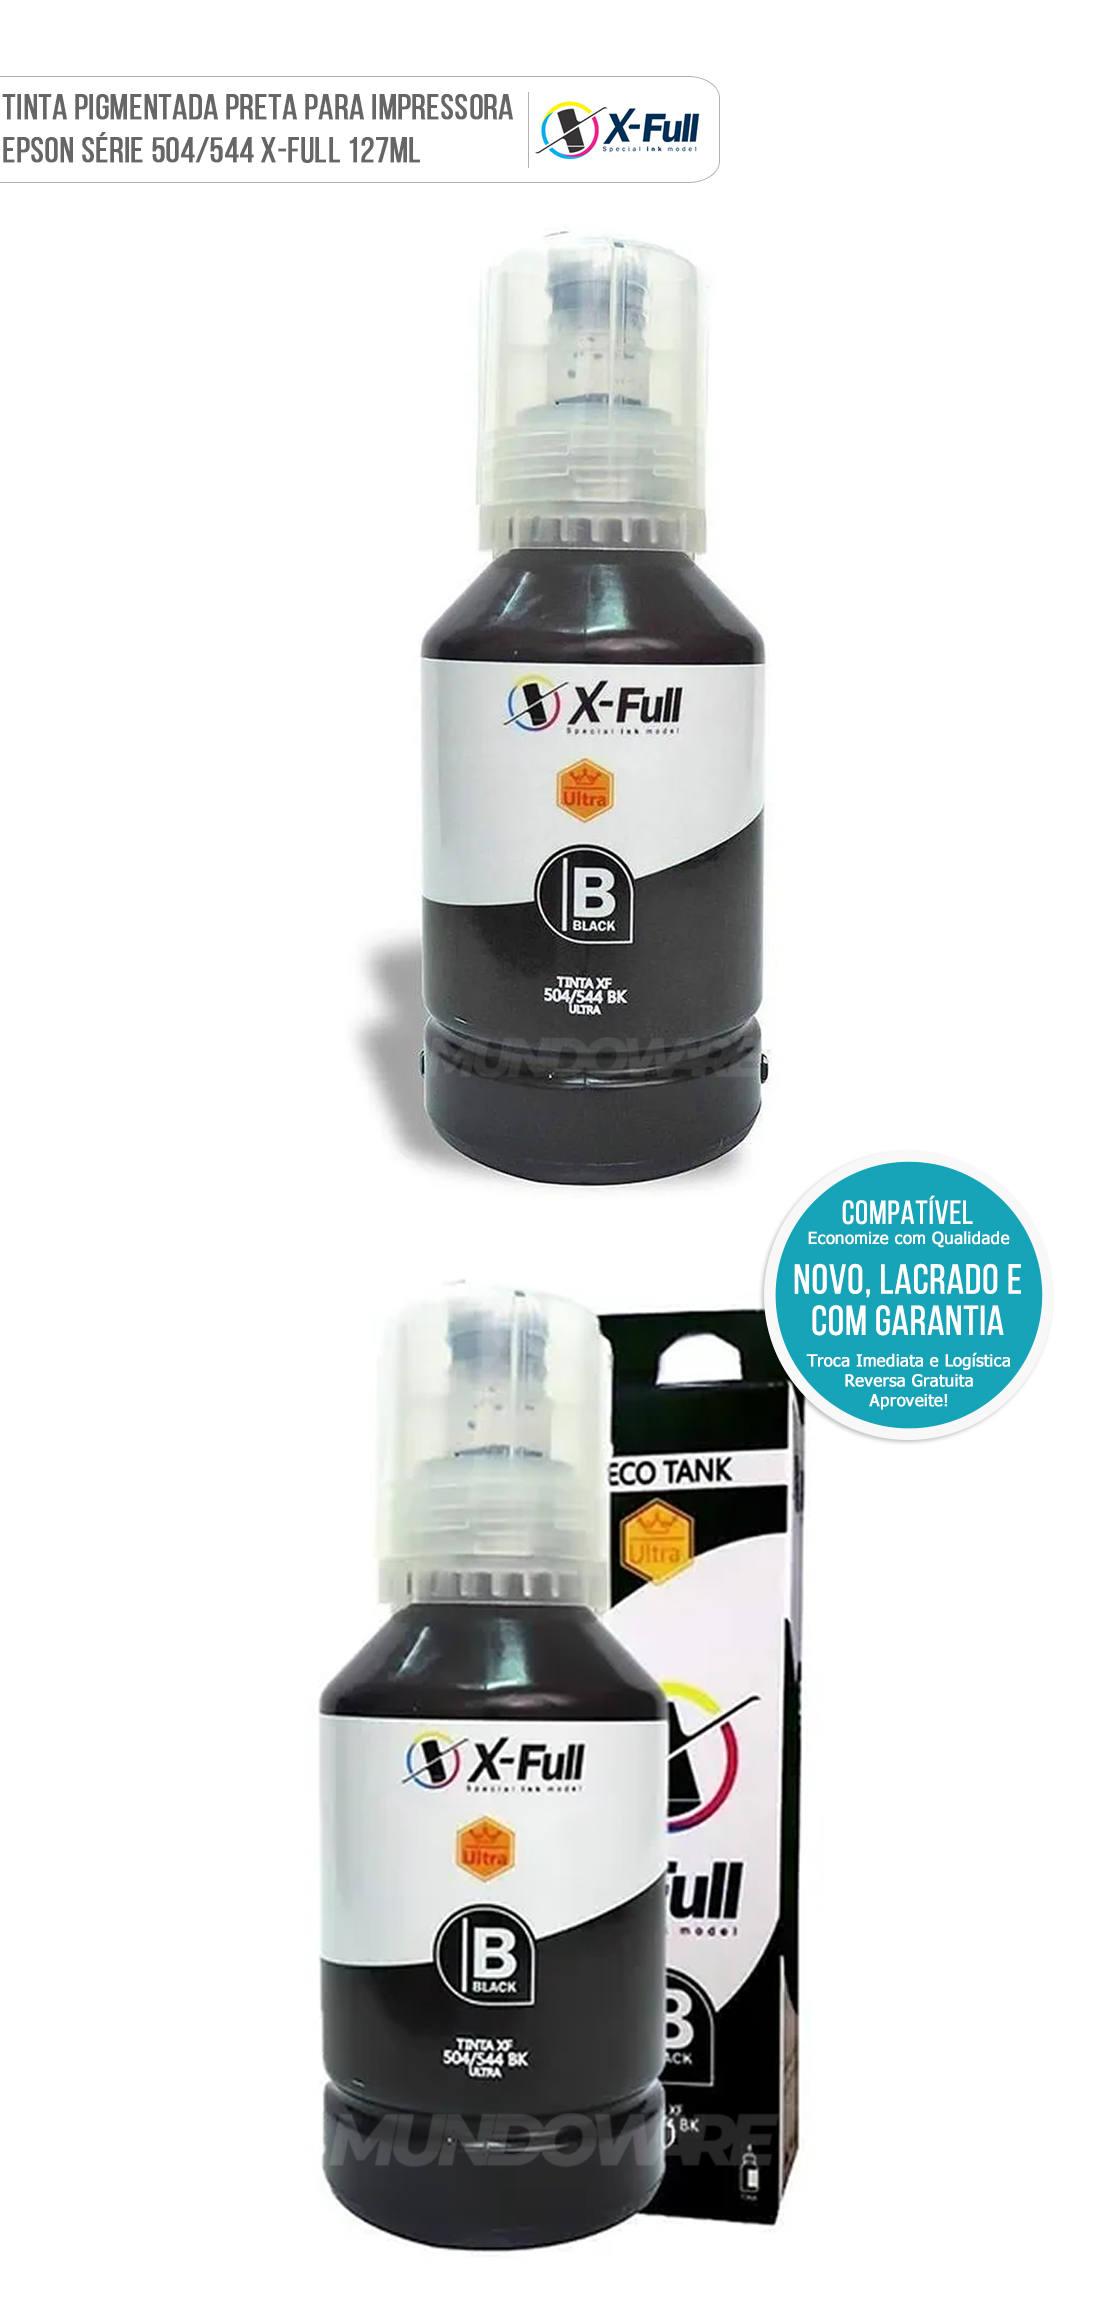 Refil de Tinta Black Pigmentada para Impressora Tanque de Tinta série L 504 544 Marca X-Full Ultra